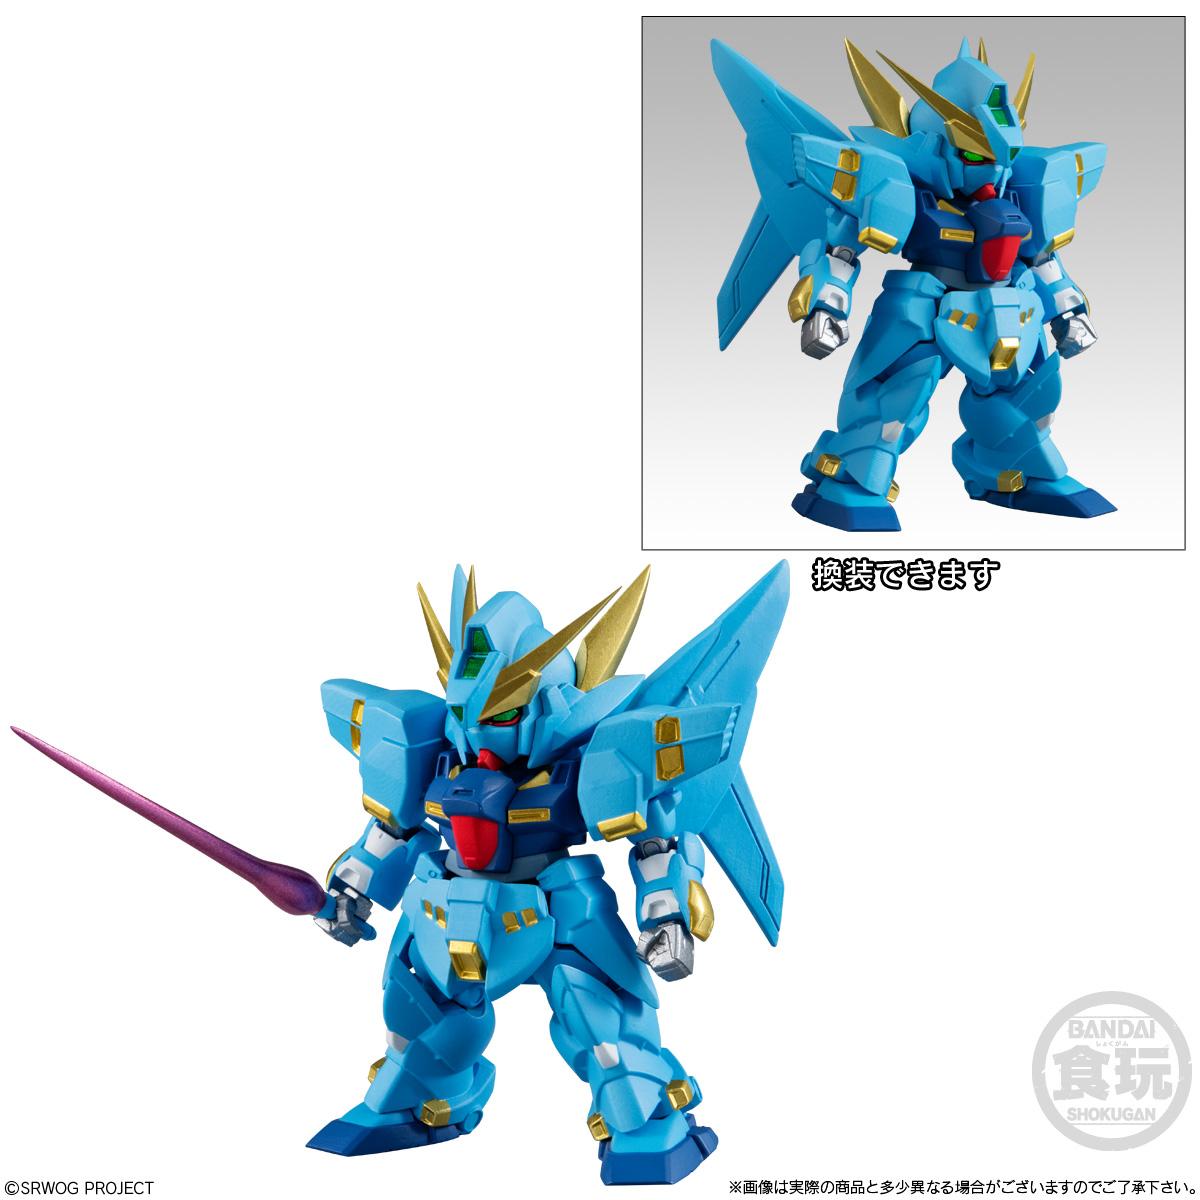 【食玩】スーパーロボット大戦OG『ORIGINAL COLLECTION 01』4個入りBOX-003